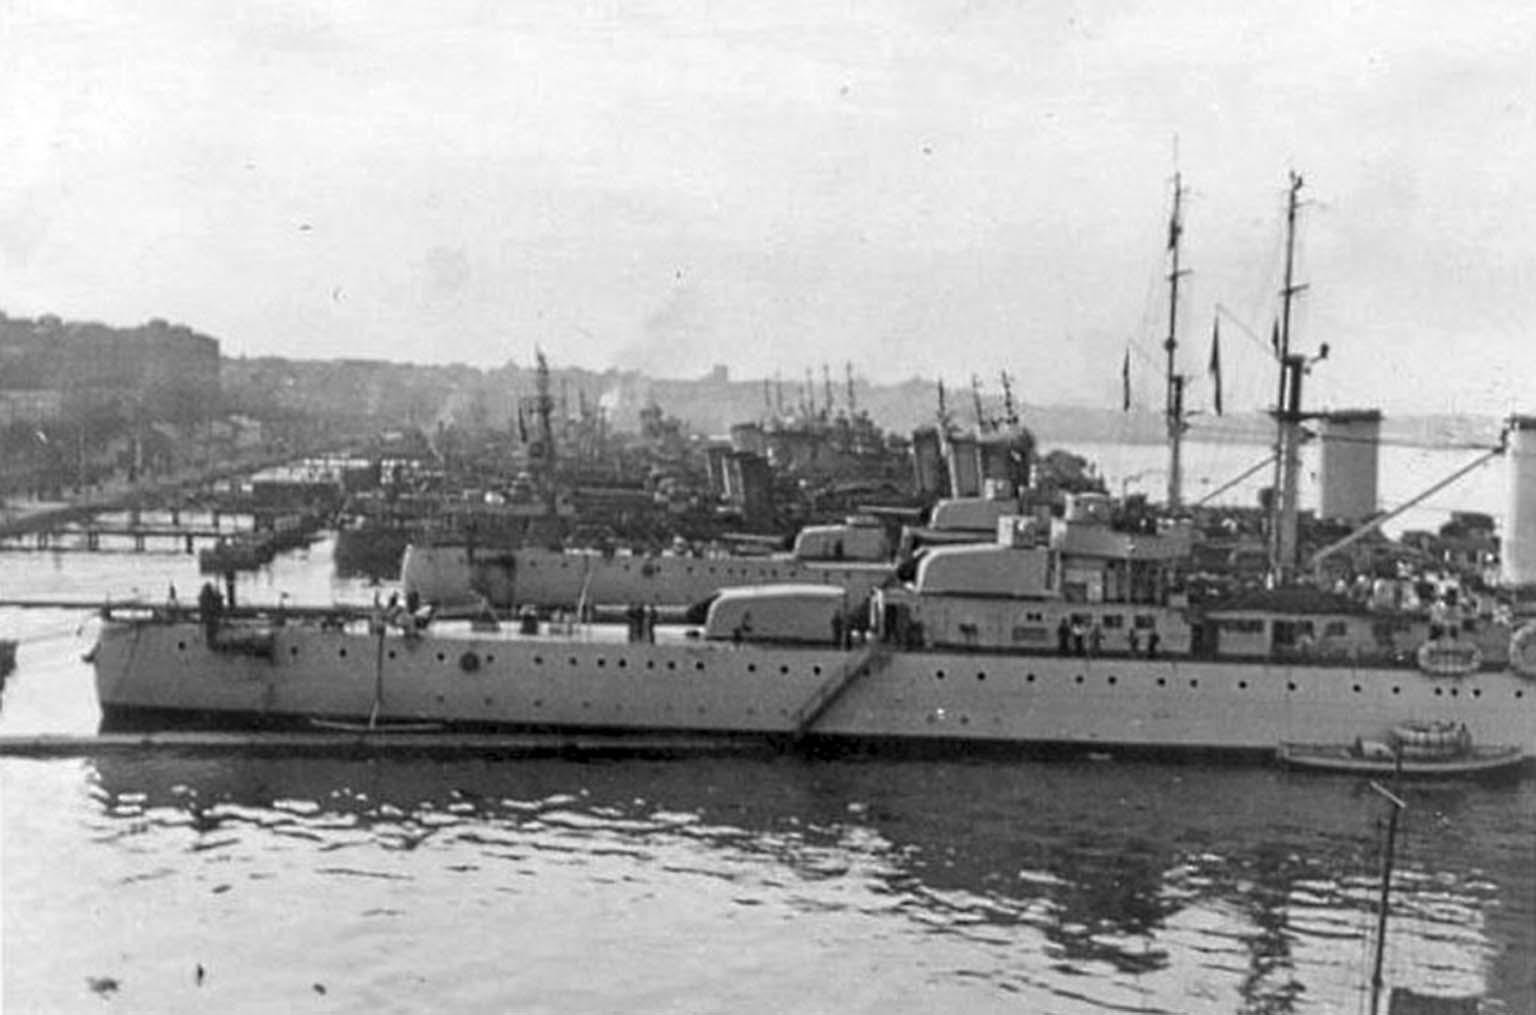 Italian cruisers